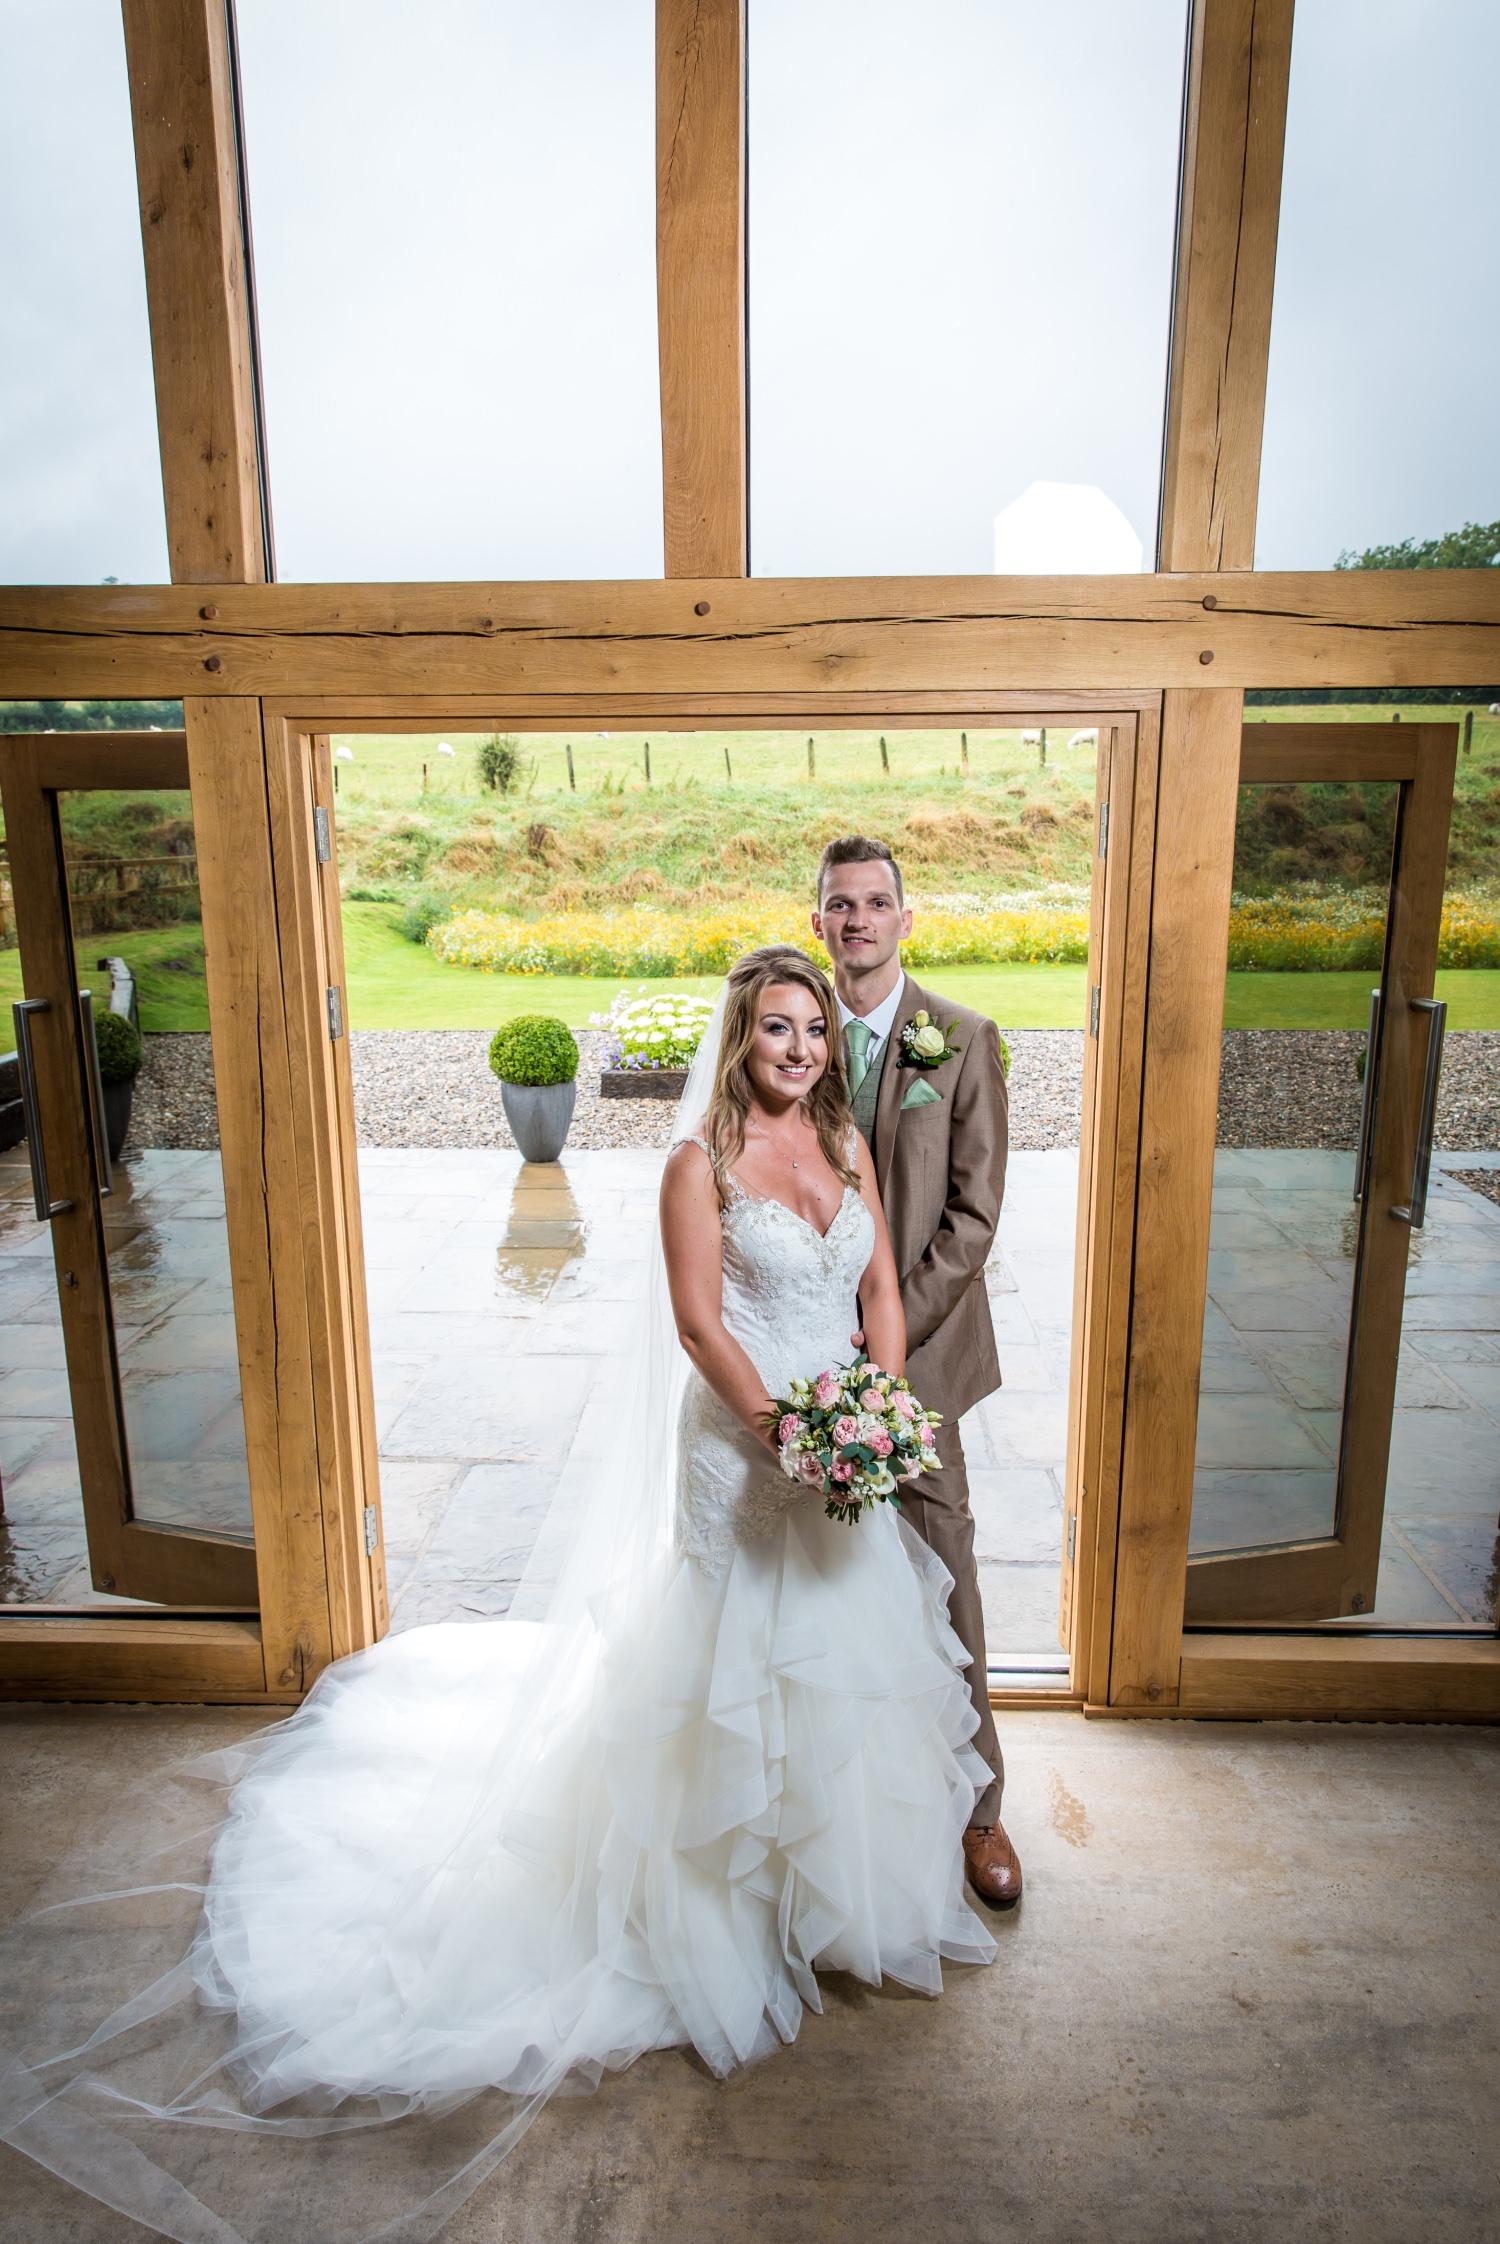 Wedding photography bridal portraits at Tower Hill Barns, North Wales